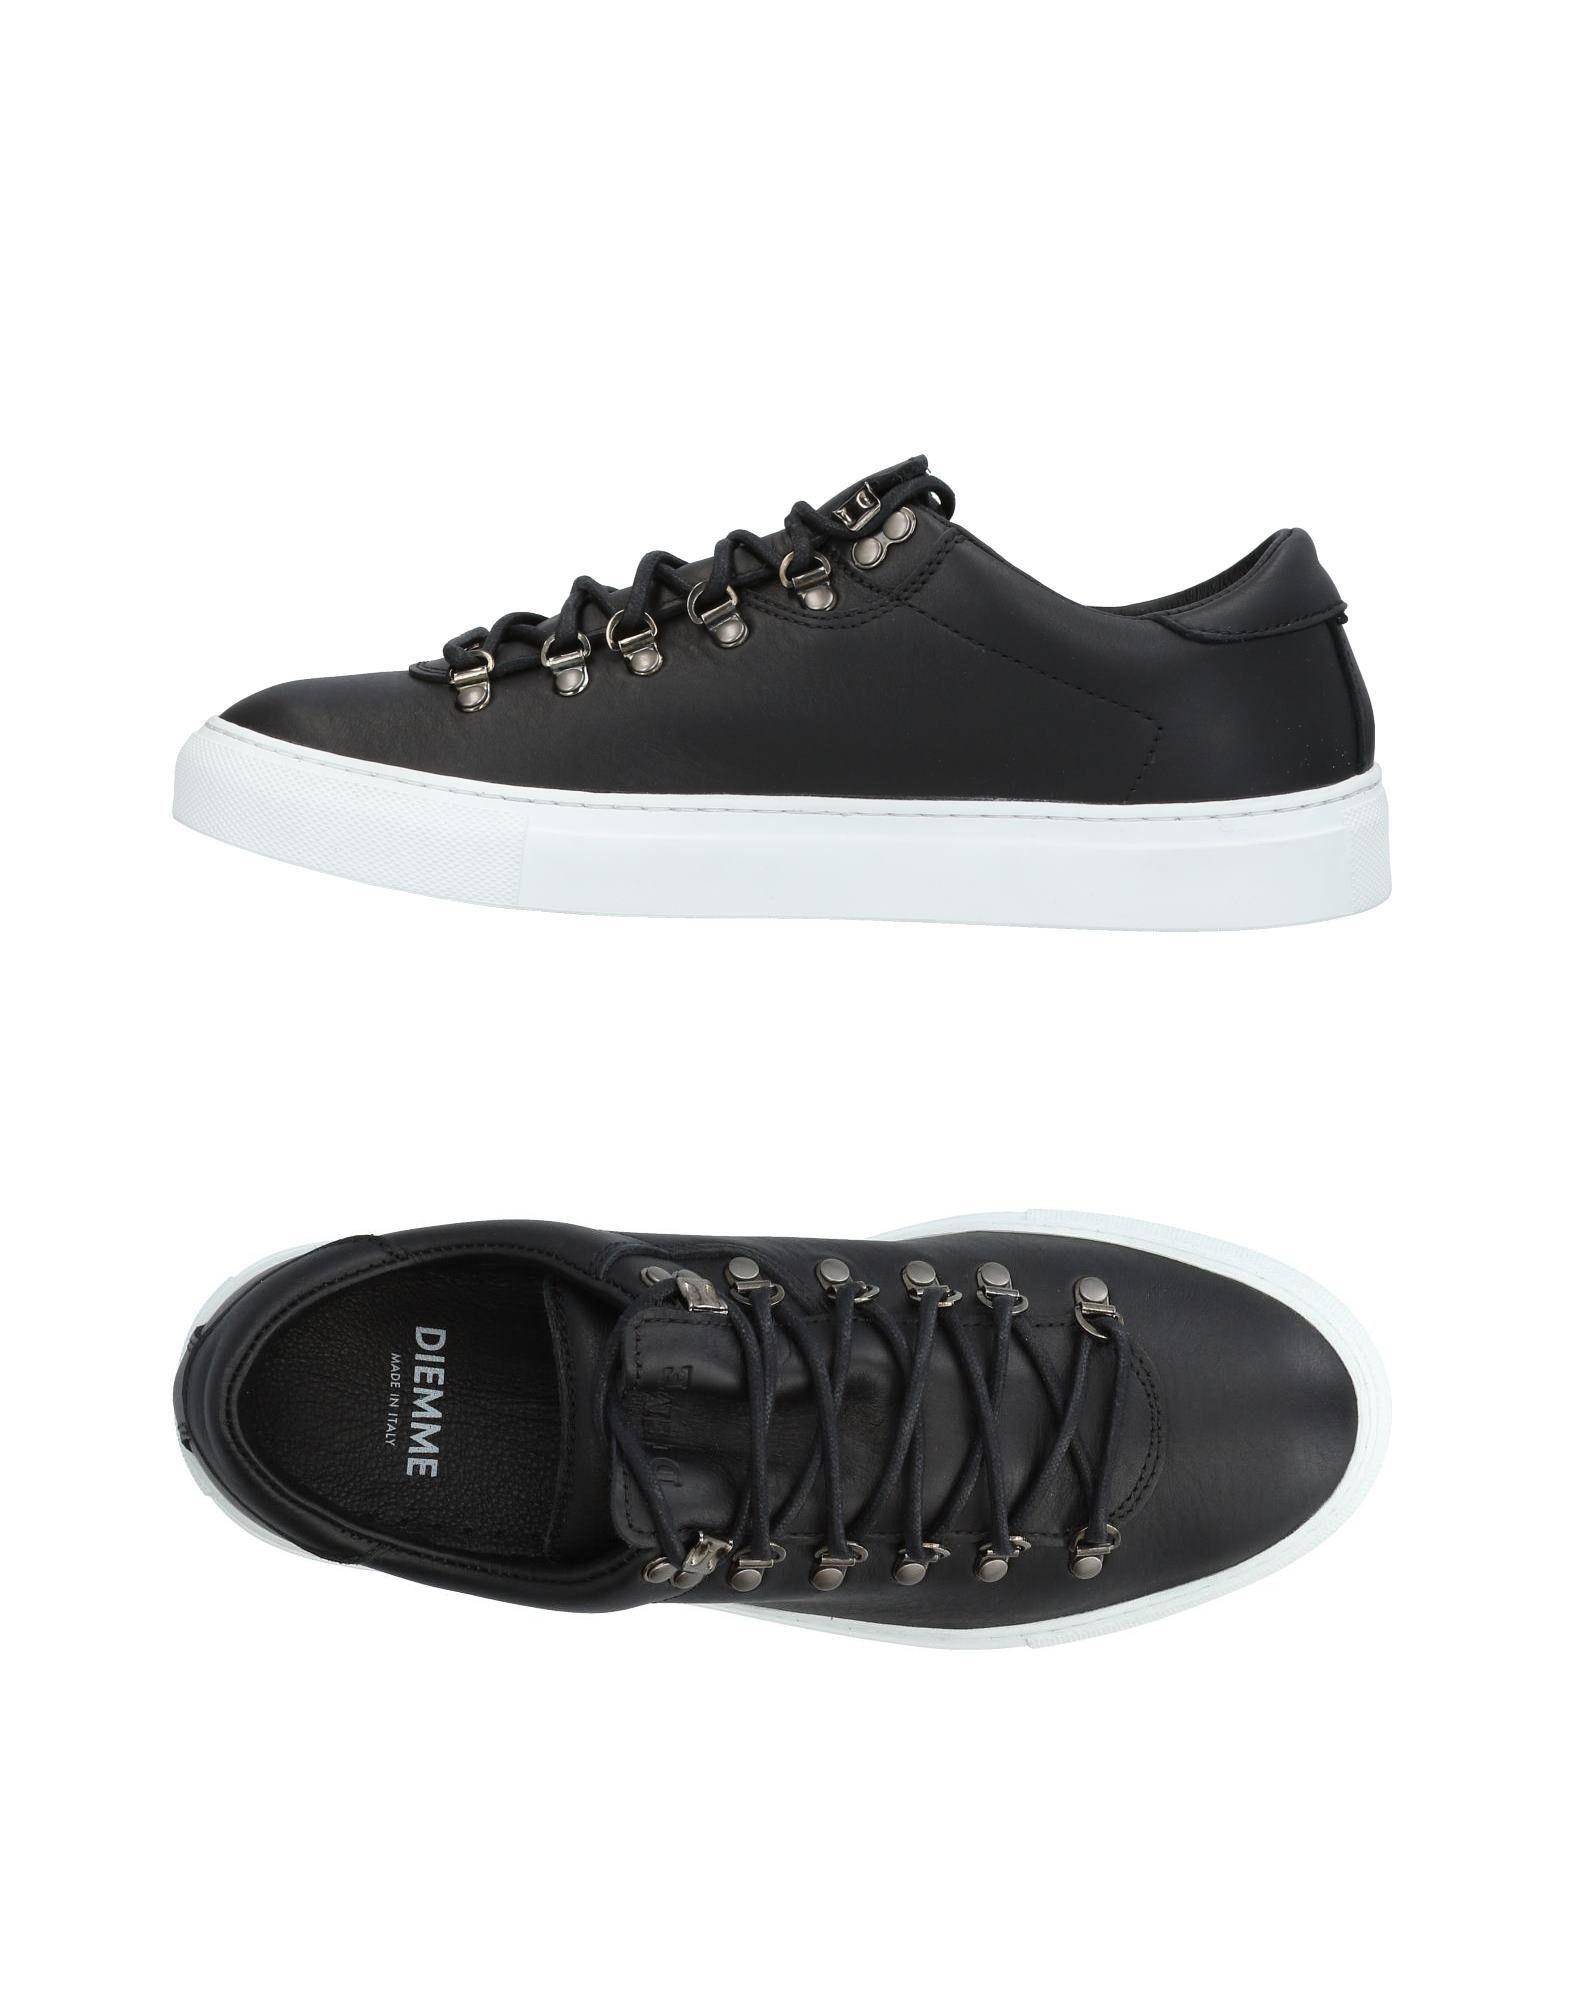 Diemme Sneakers Schuhe Herren  11419435CQ Gute Qualität beliebte Schuhe Sneakers 381e02